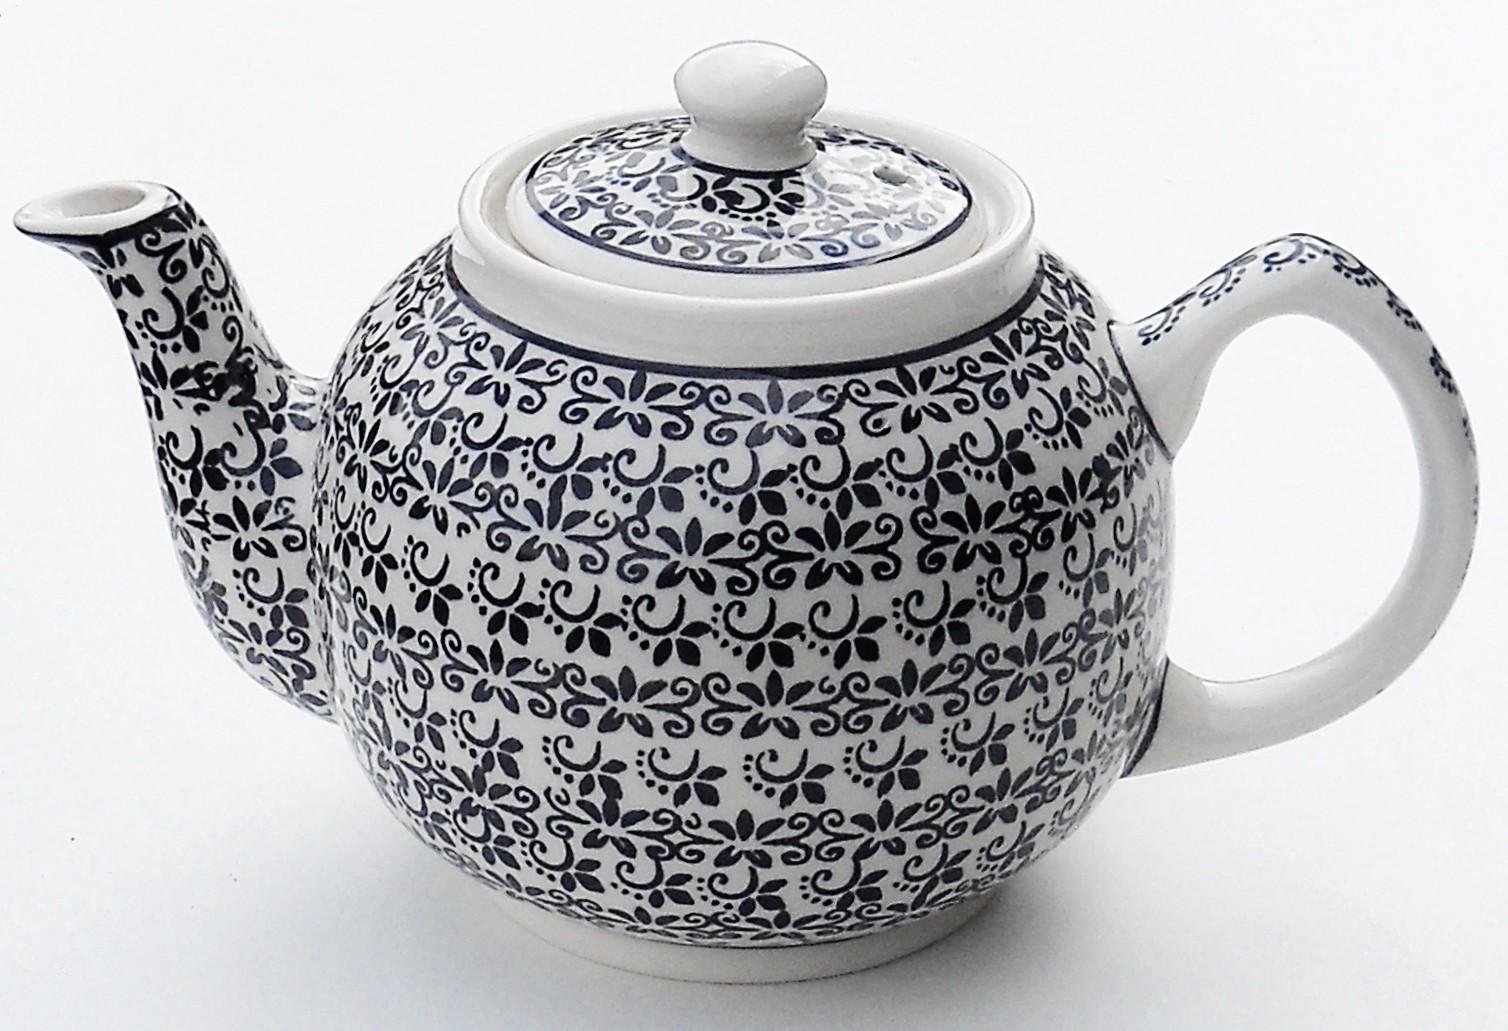 Pottery Avenue 34oz Stoneware Teapot - 596-941 Elegant Times